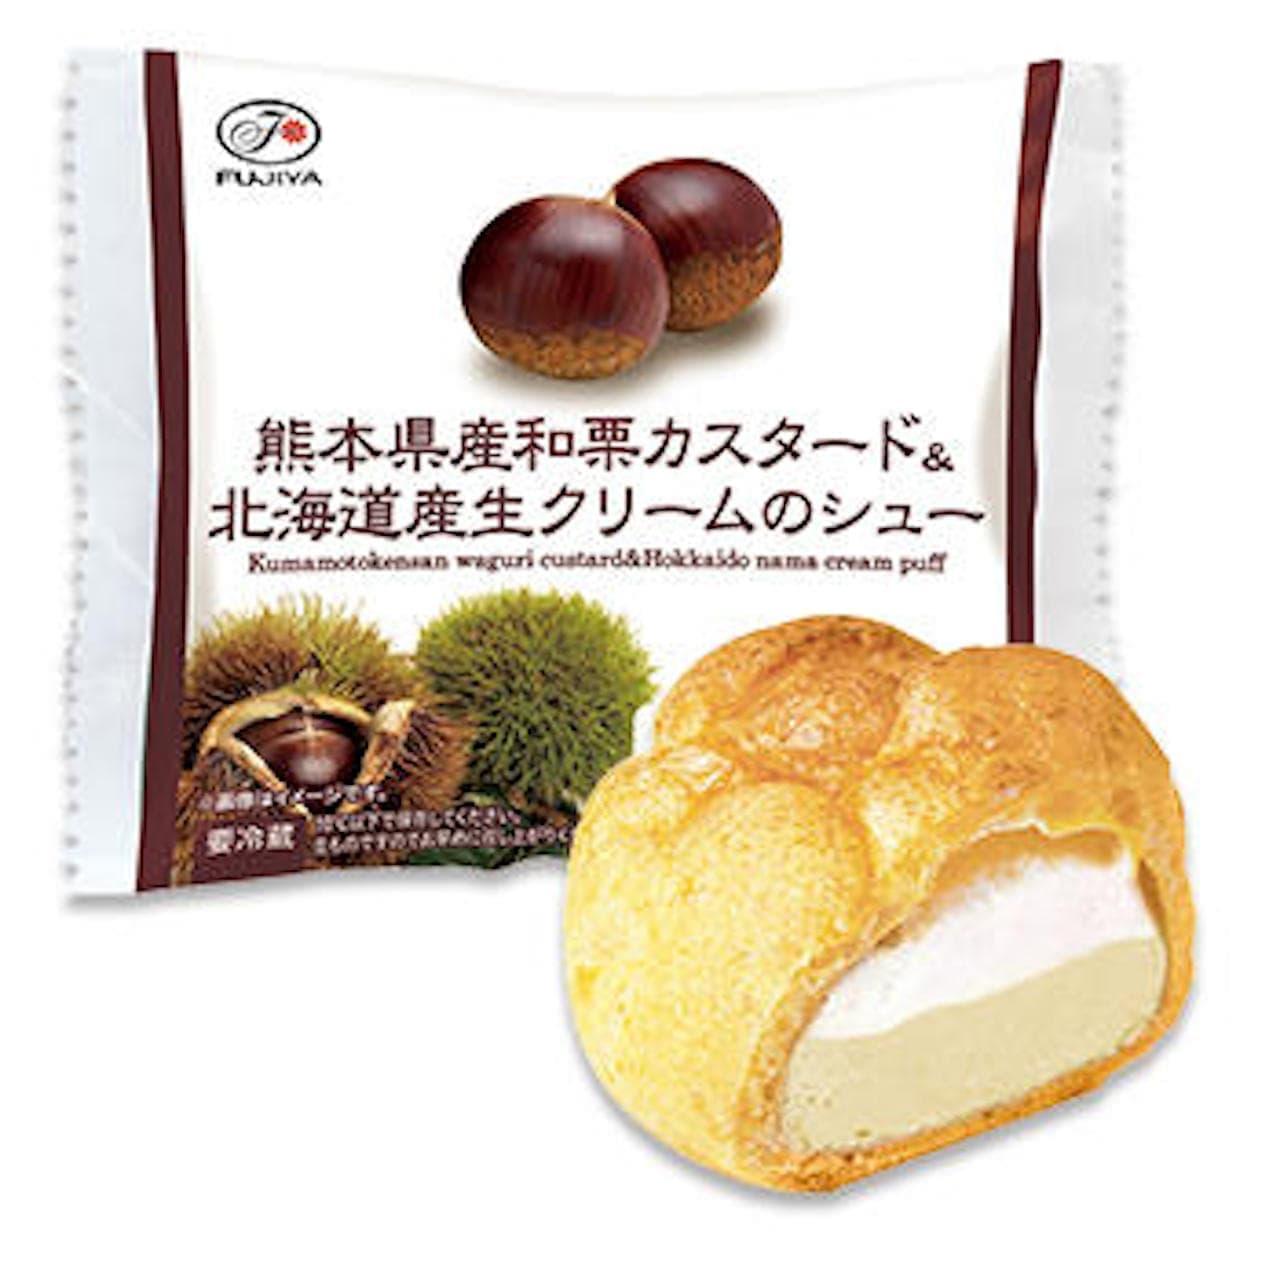 不二家「熊本県産和栗カスタード&北海道産生クリームのシュー」